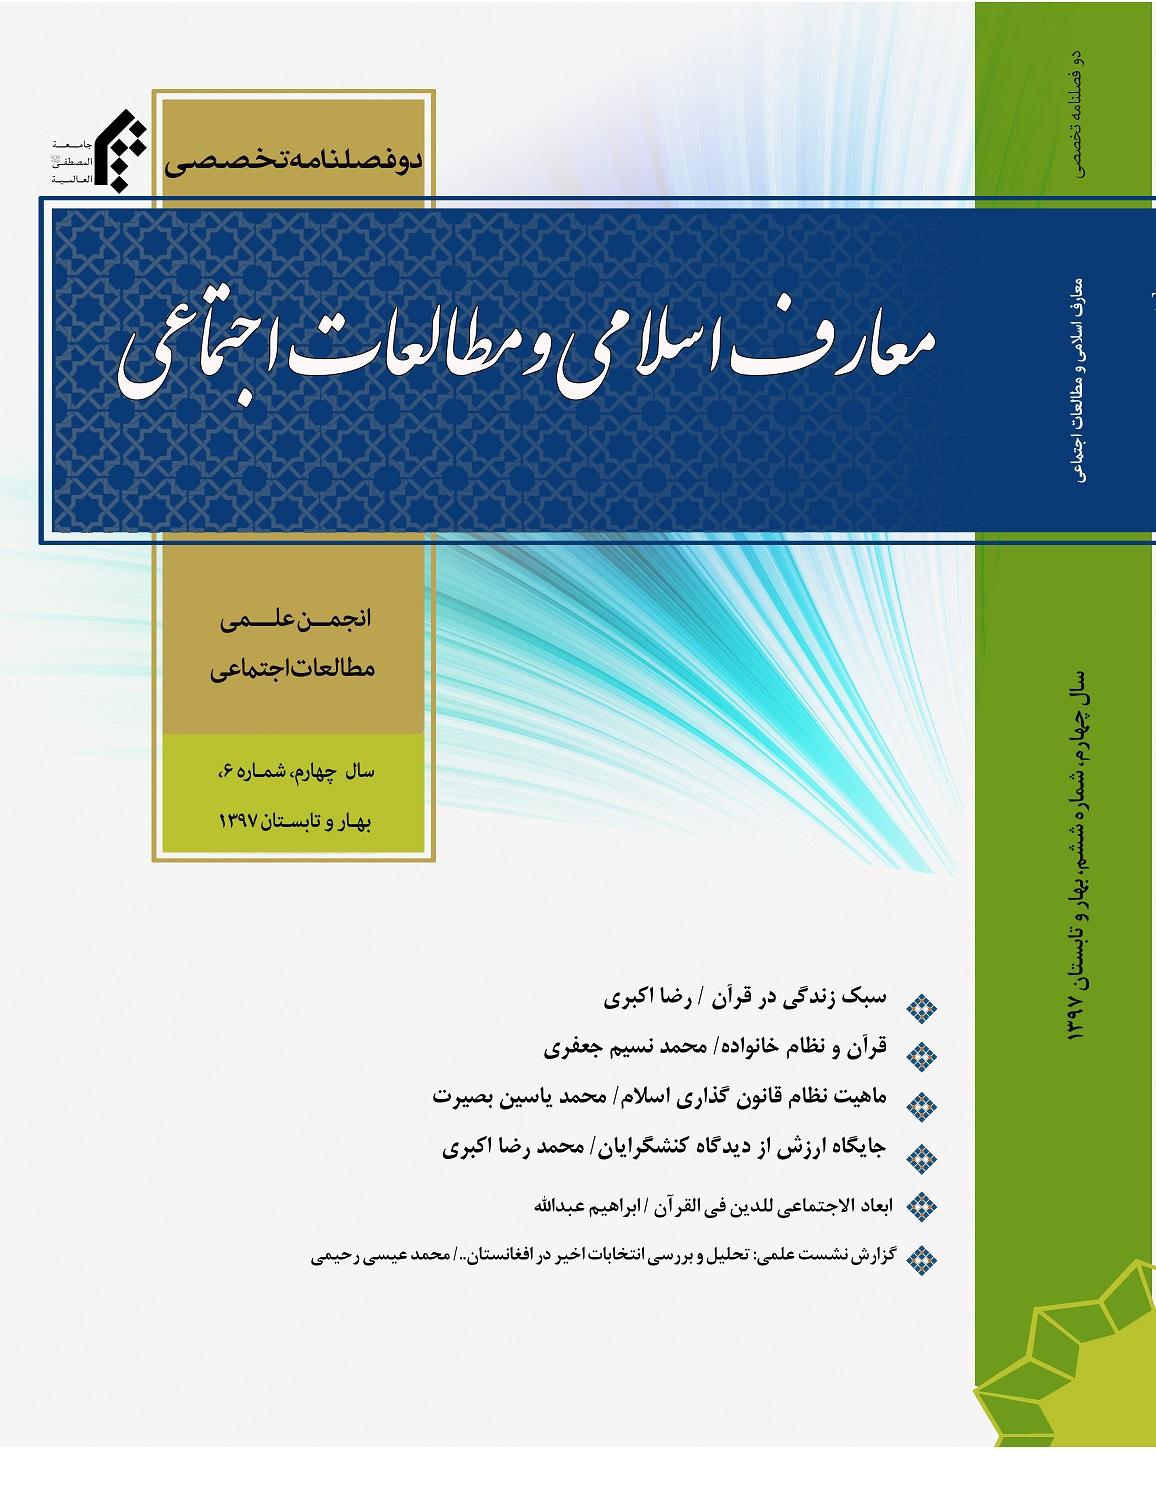 معارف اسلامی و مطالعات اجتماعی